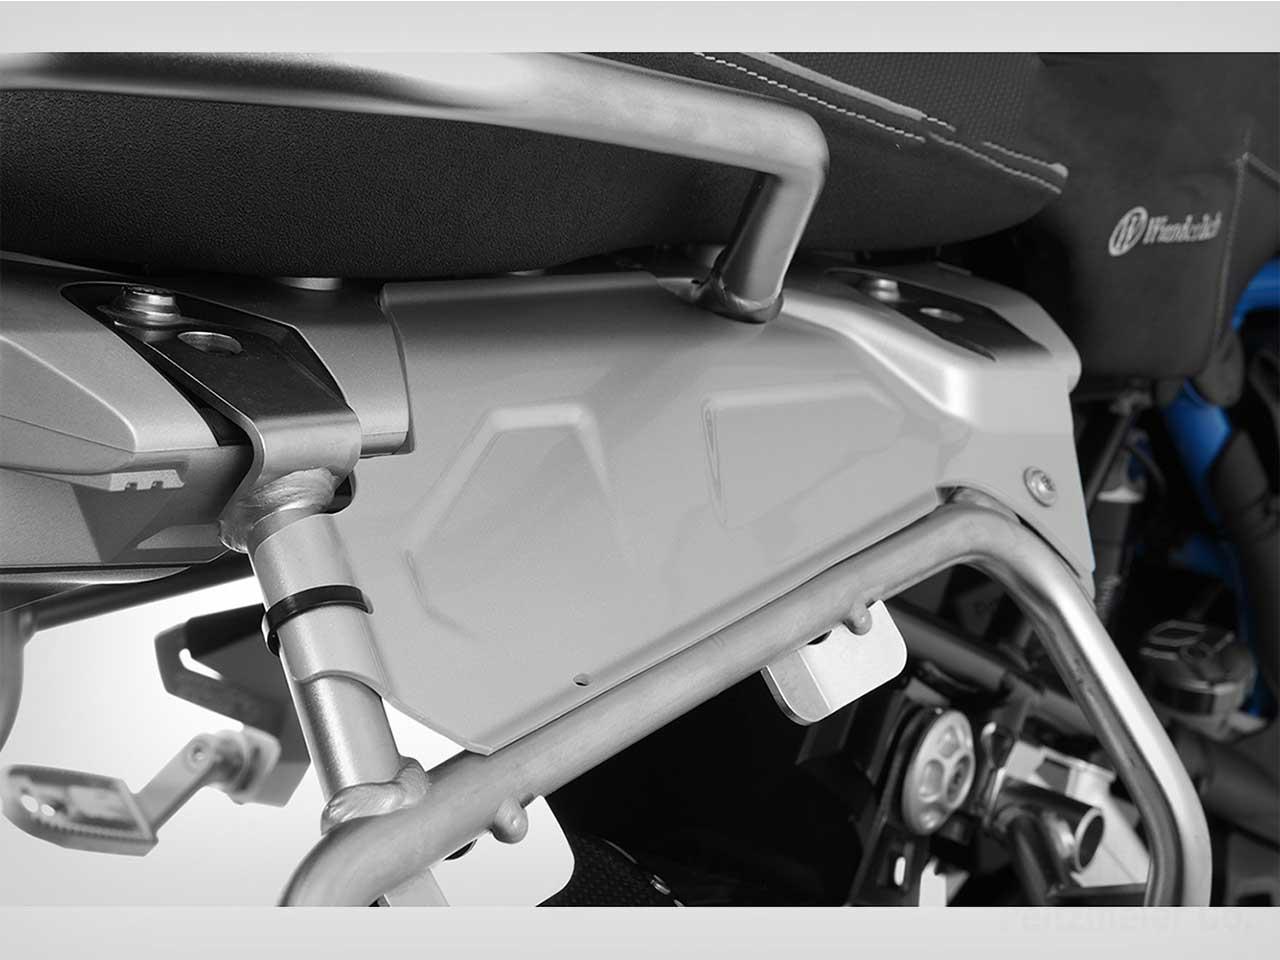 Wunderlich スプラッシュガード BMW純正パニアケースホルダー用 R1250GS/Adv /R1200GSLC/Adv